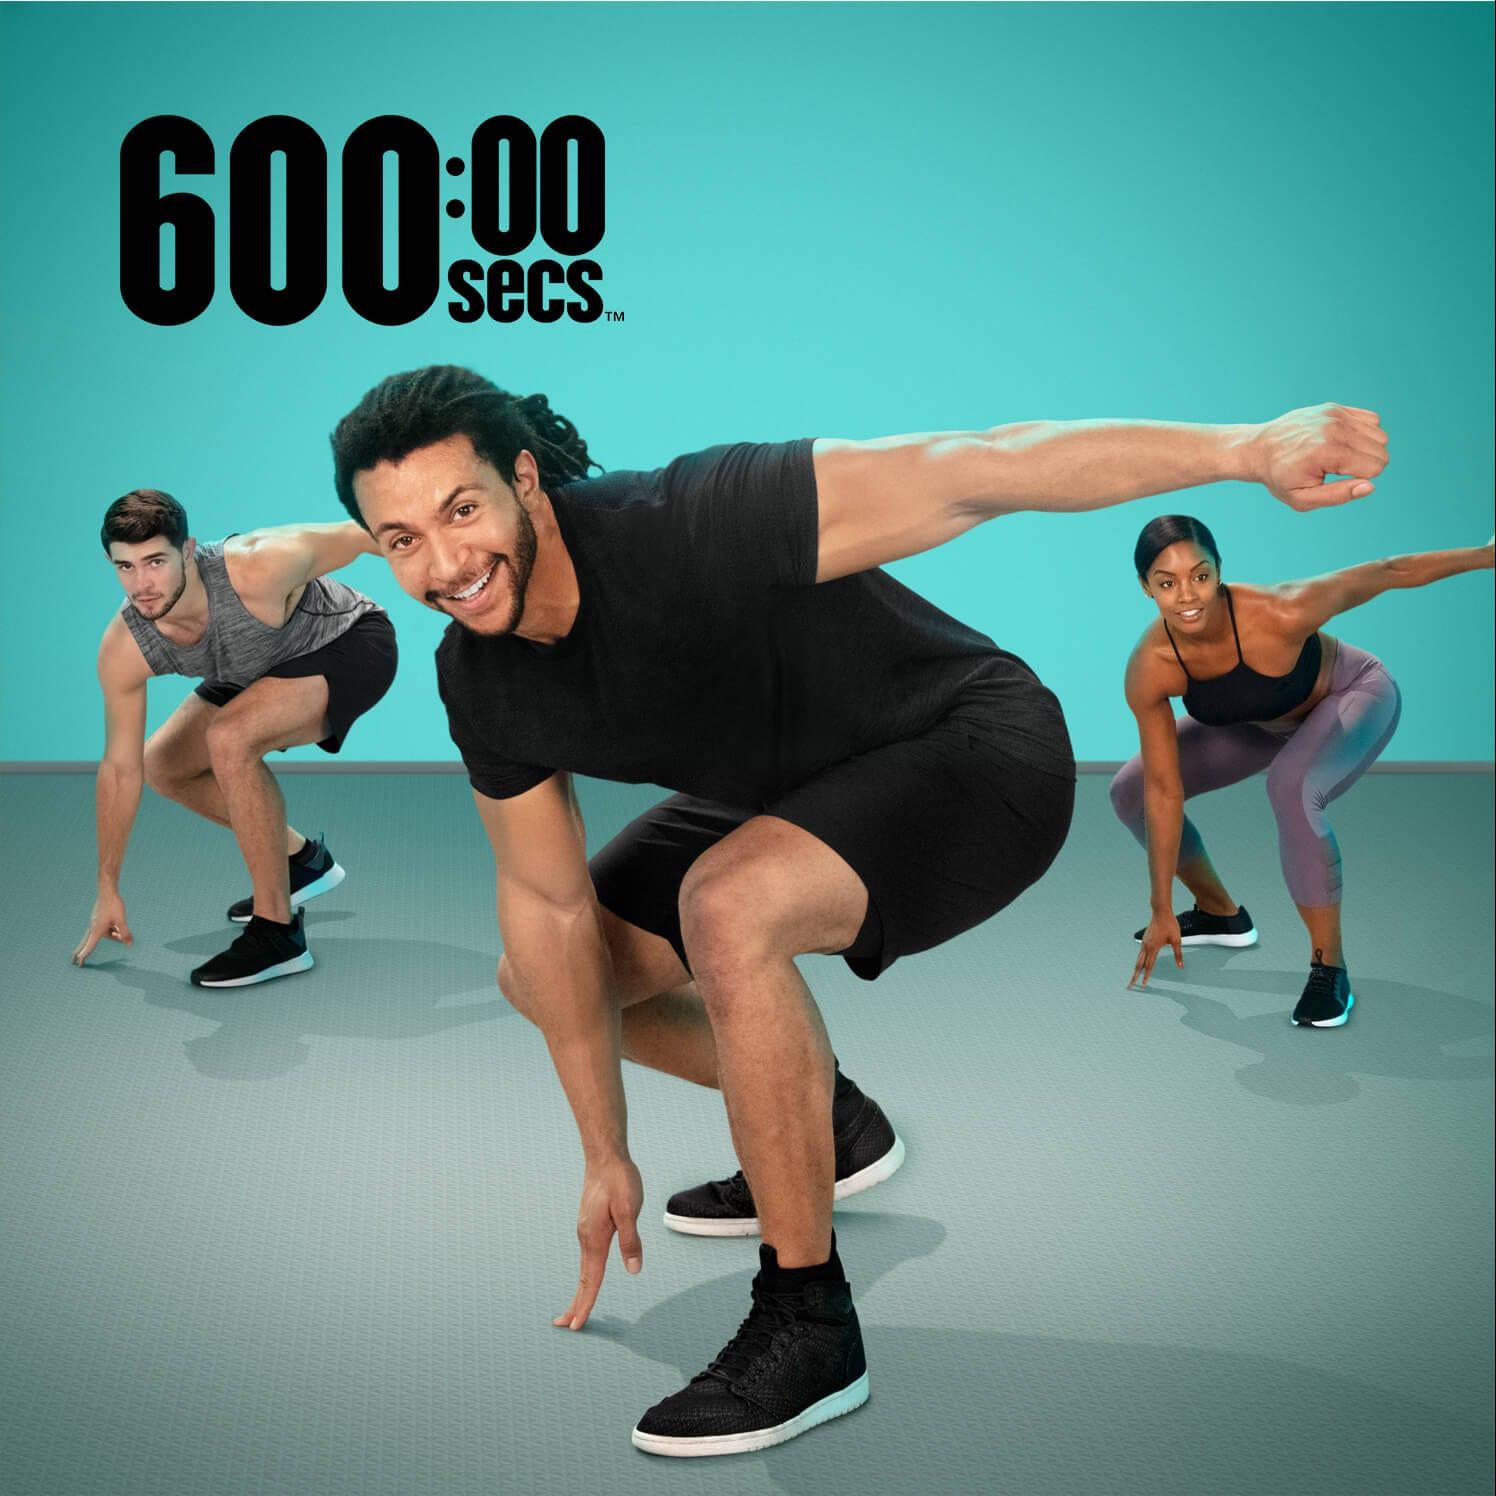 600 Secs™